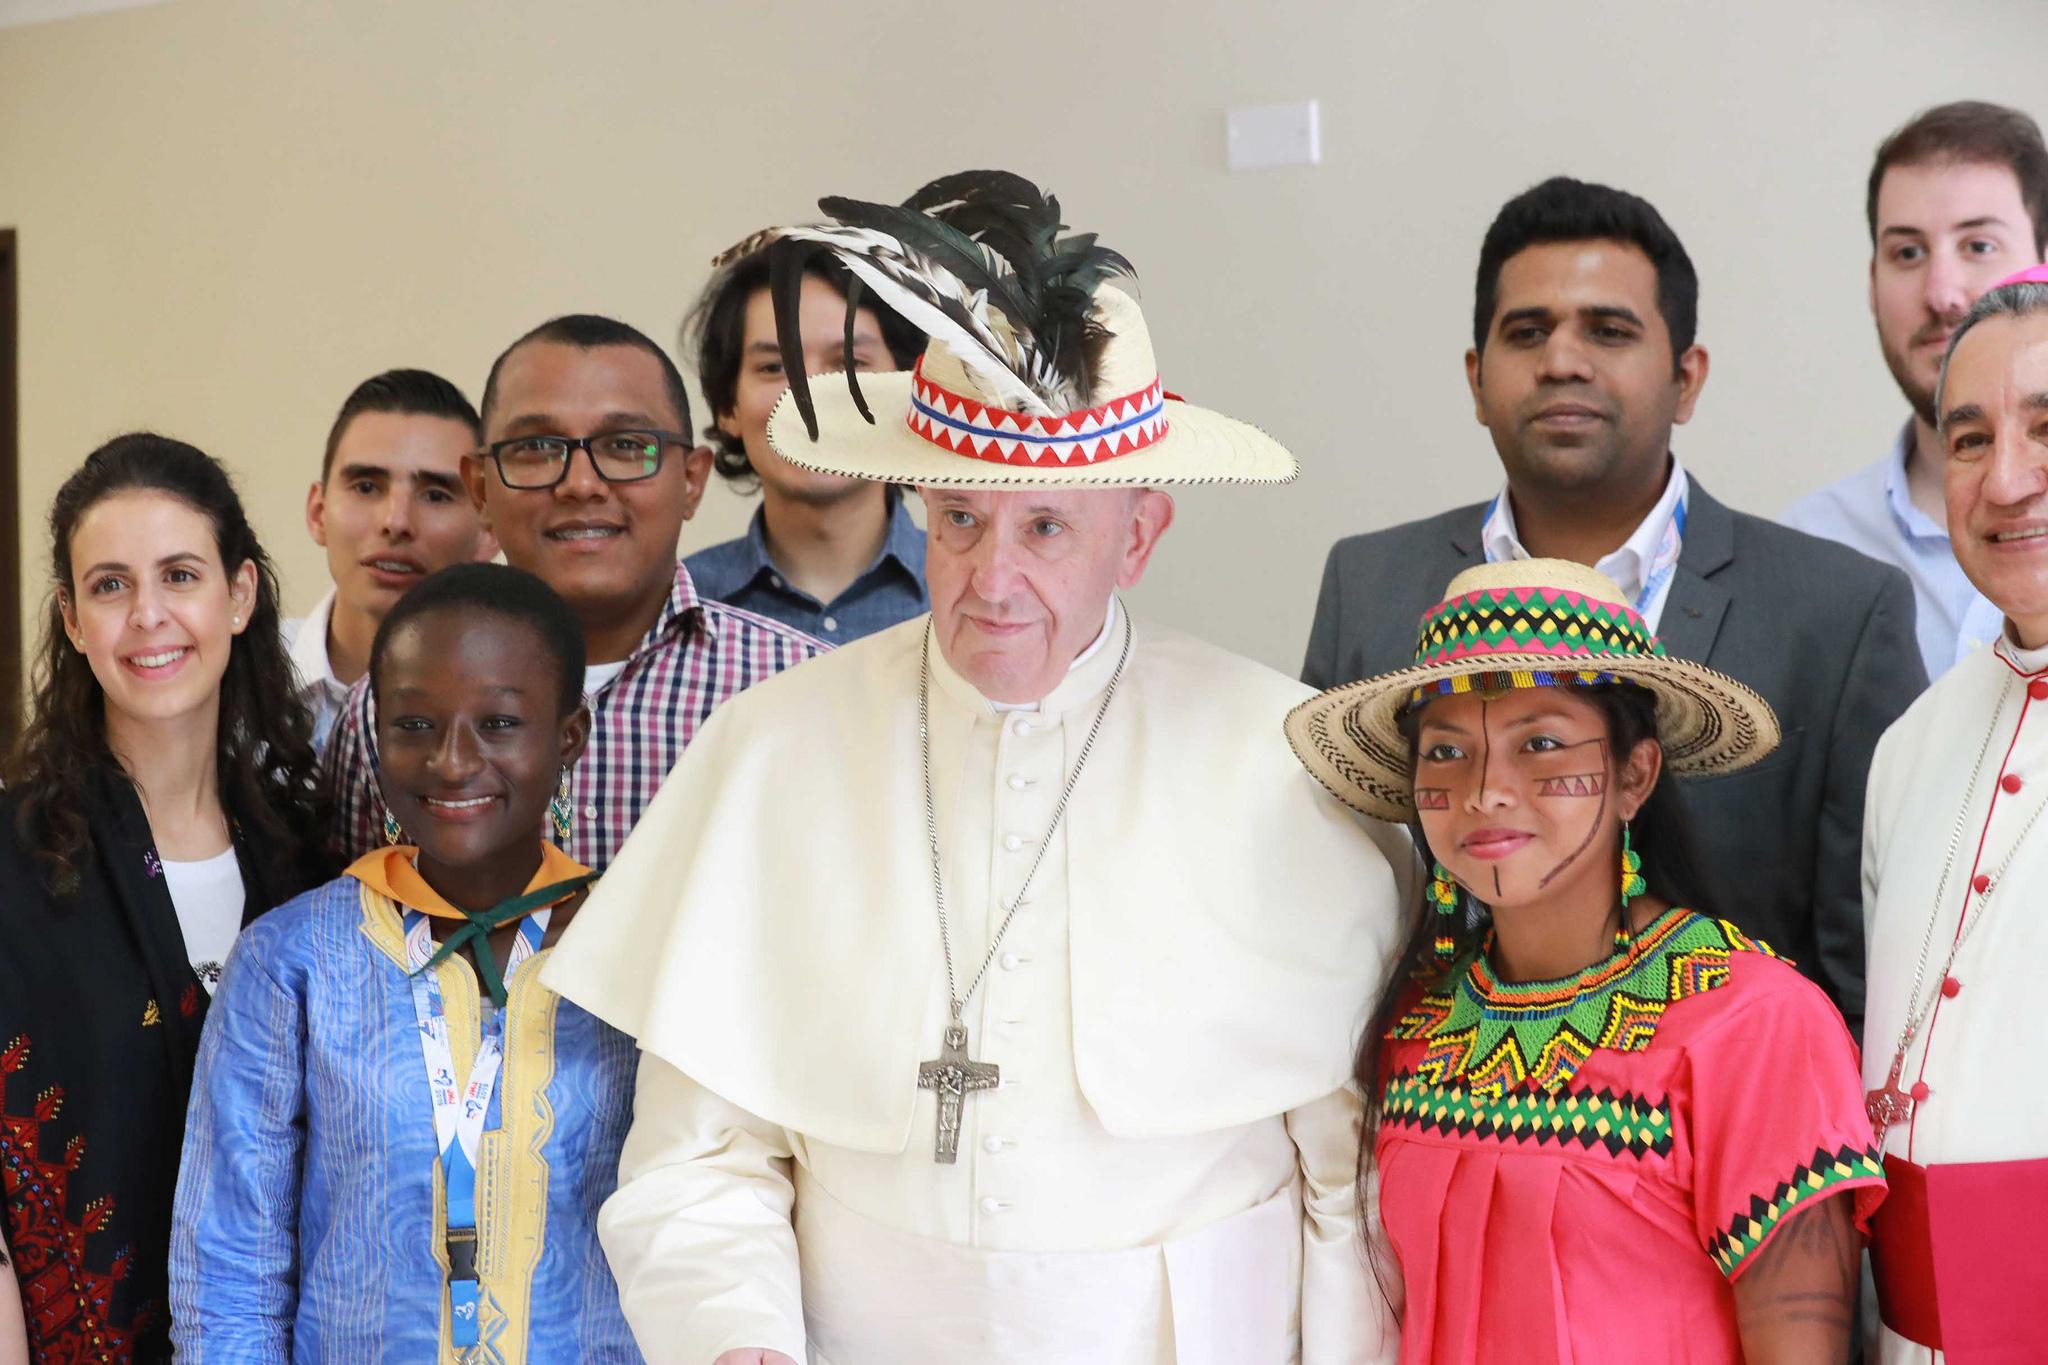 El Papa junto a una joven indígena de Panamá © JMJ Panamá 2019